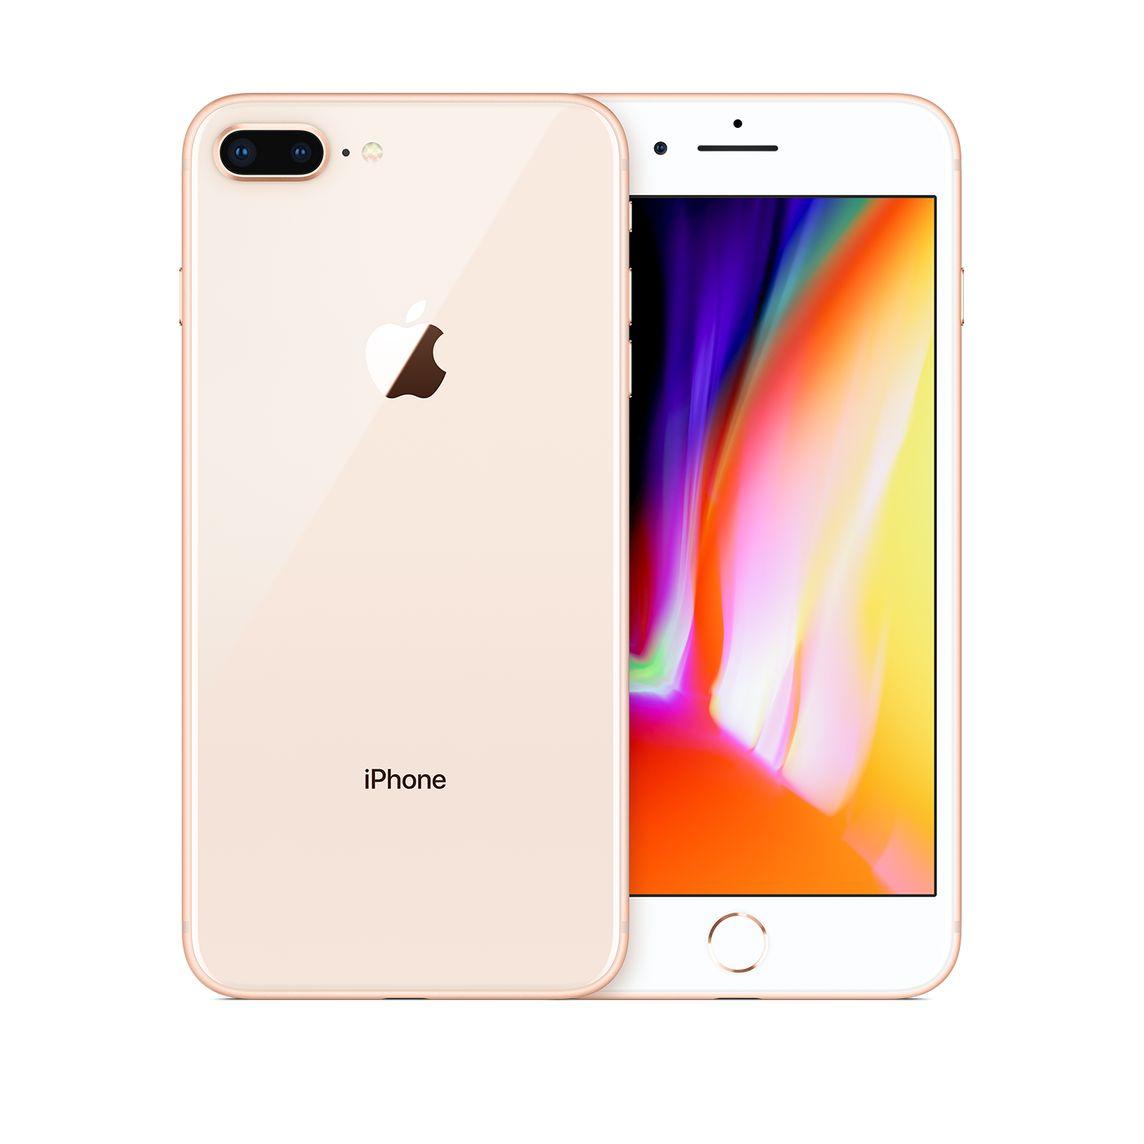 iPhone 8 plus 64gb (rose gold) Image